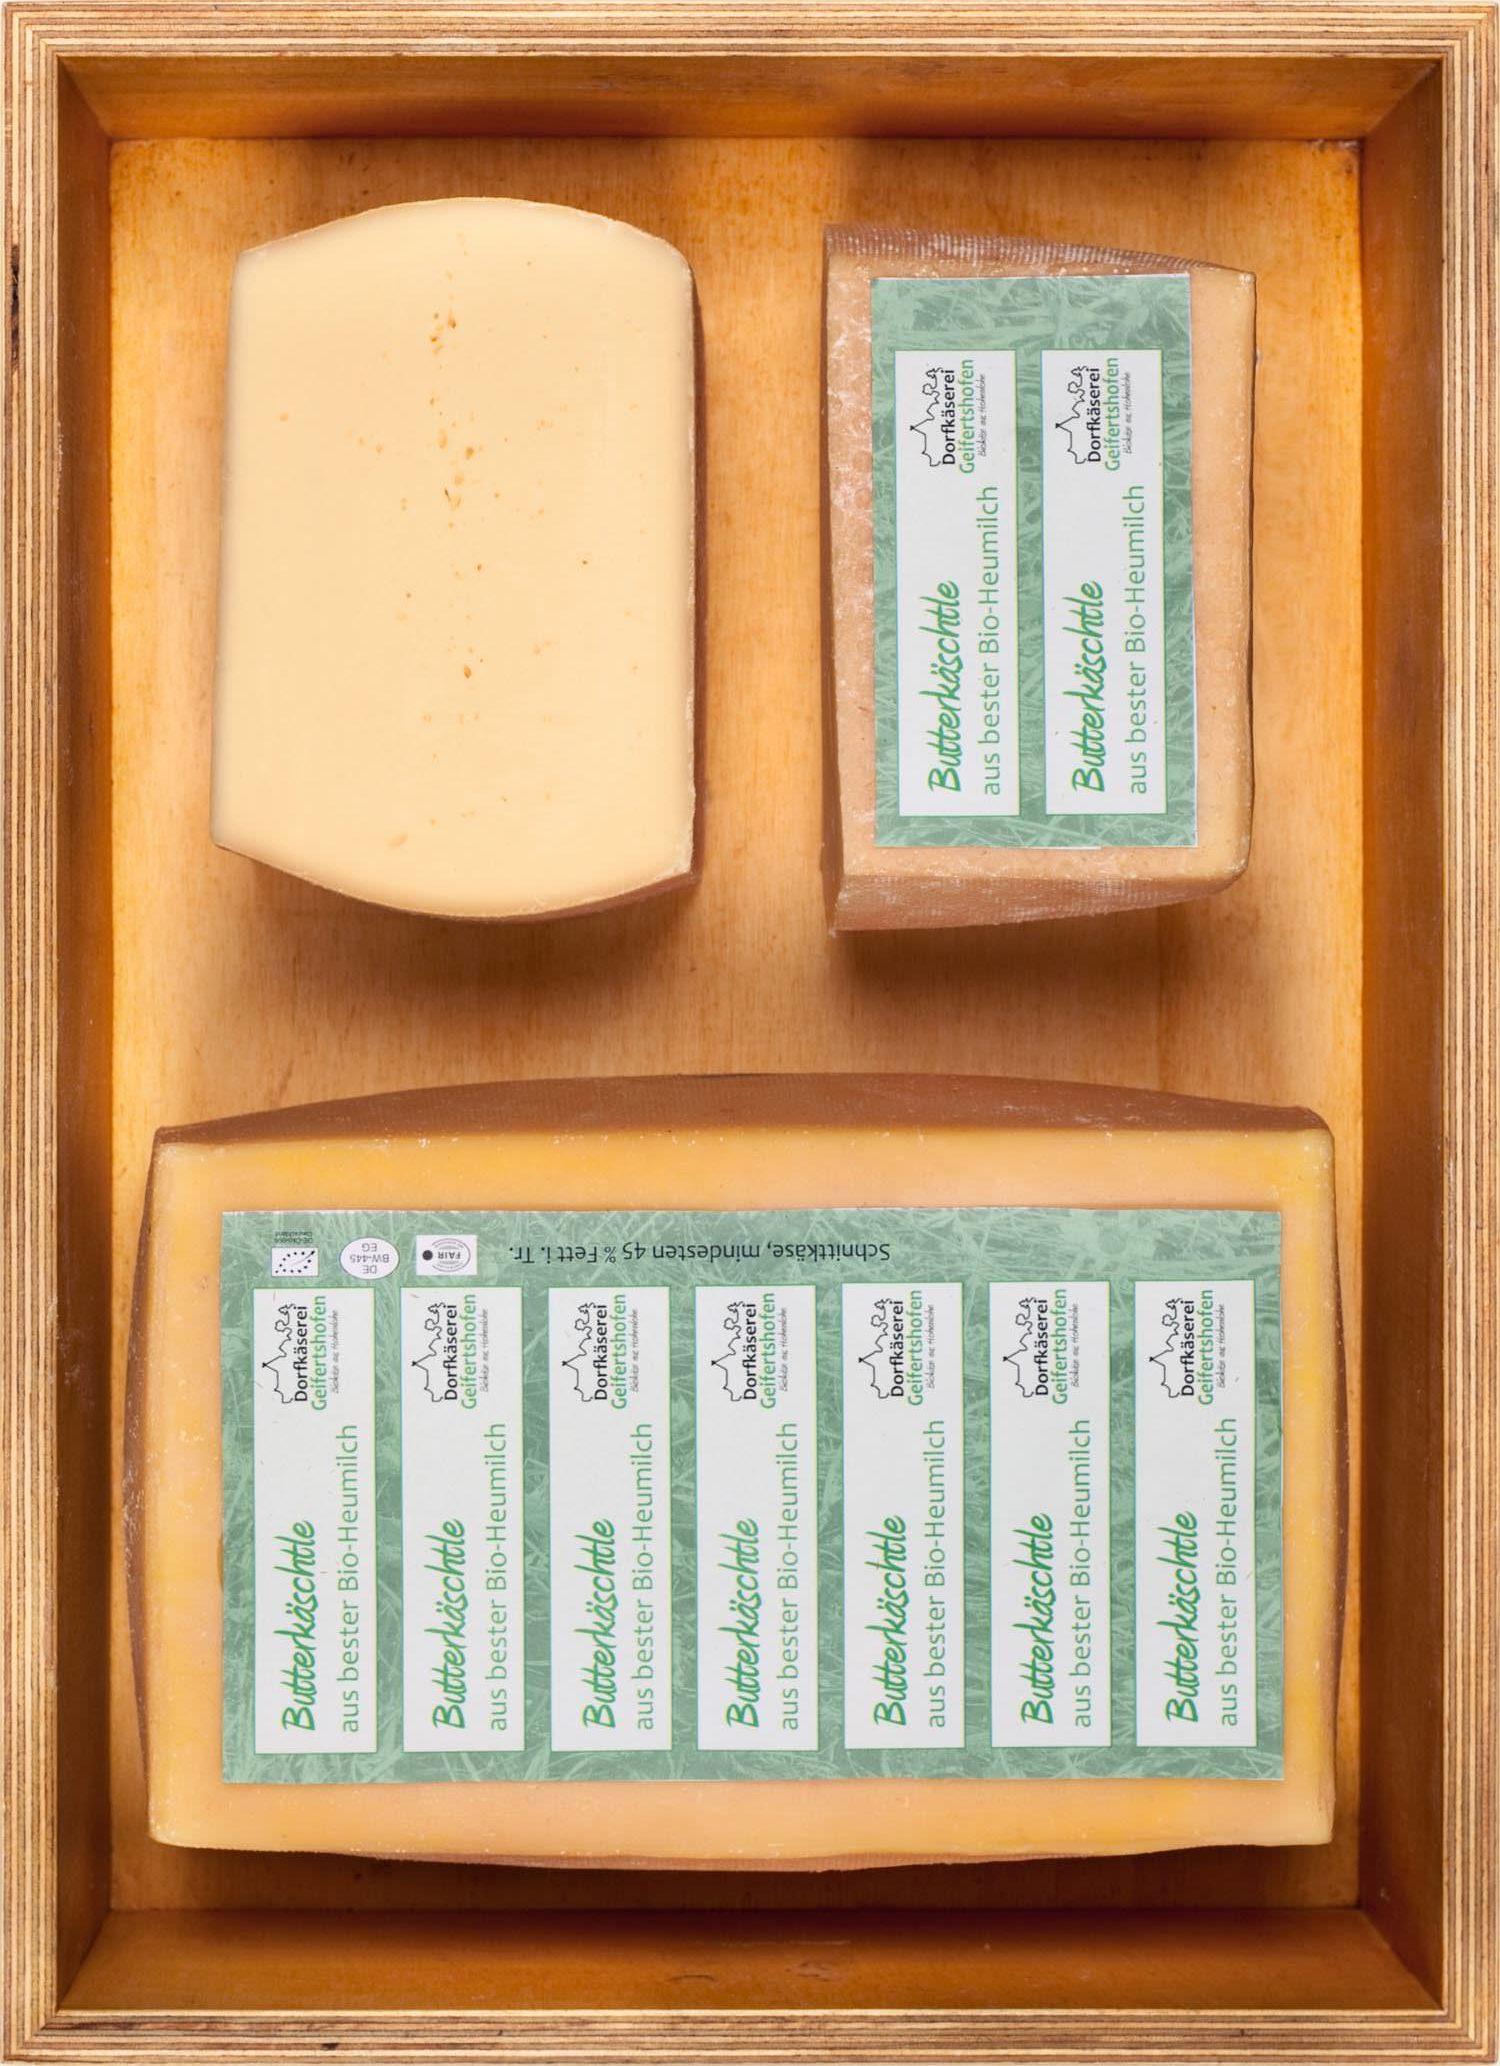 honhardter demeter Leib butterkästle Foodfotografie dorfkäserei geifertshofen käseherstellung Kisten Käserei jörn strojny